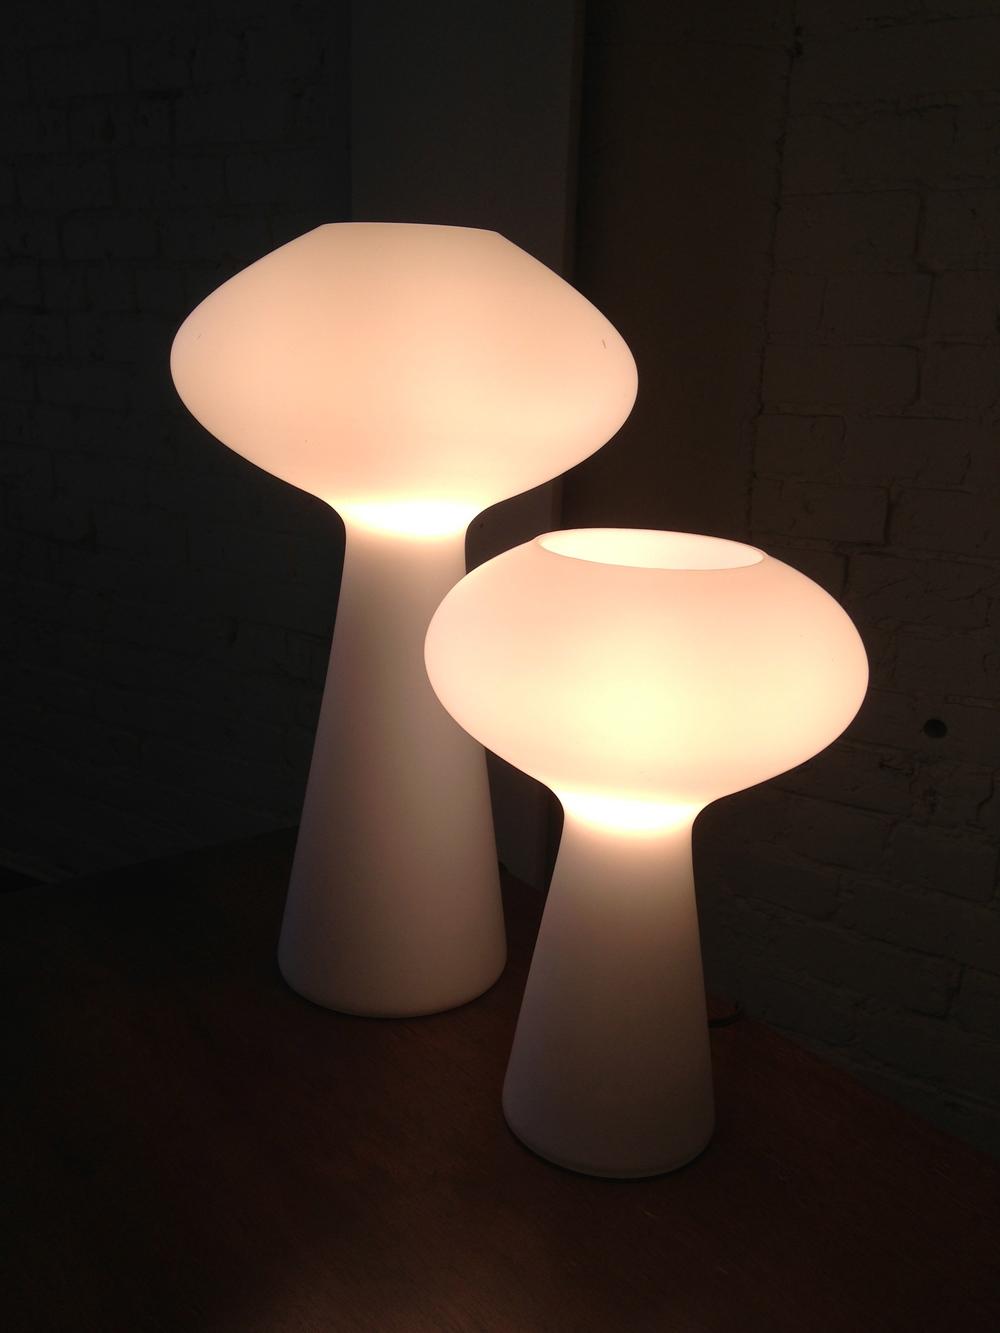 Pape-Johansson lamps